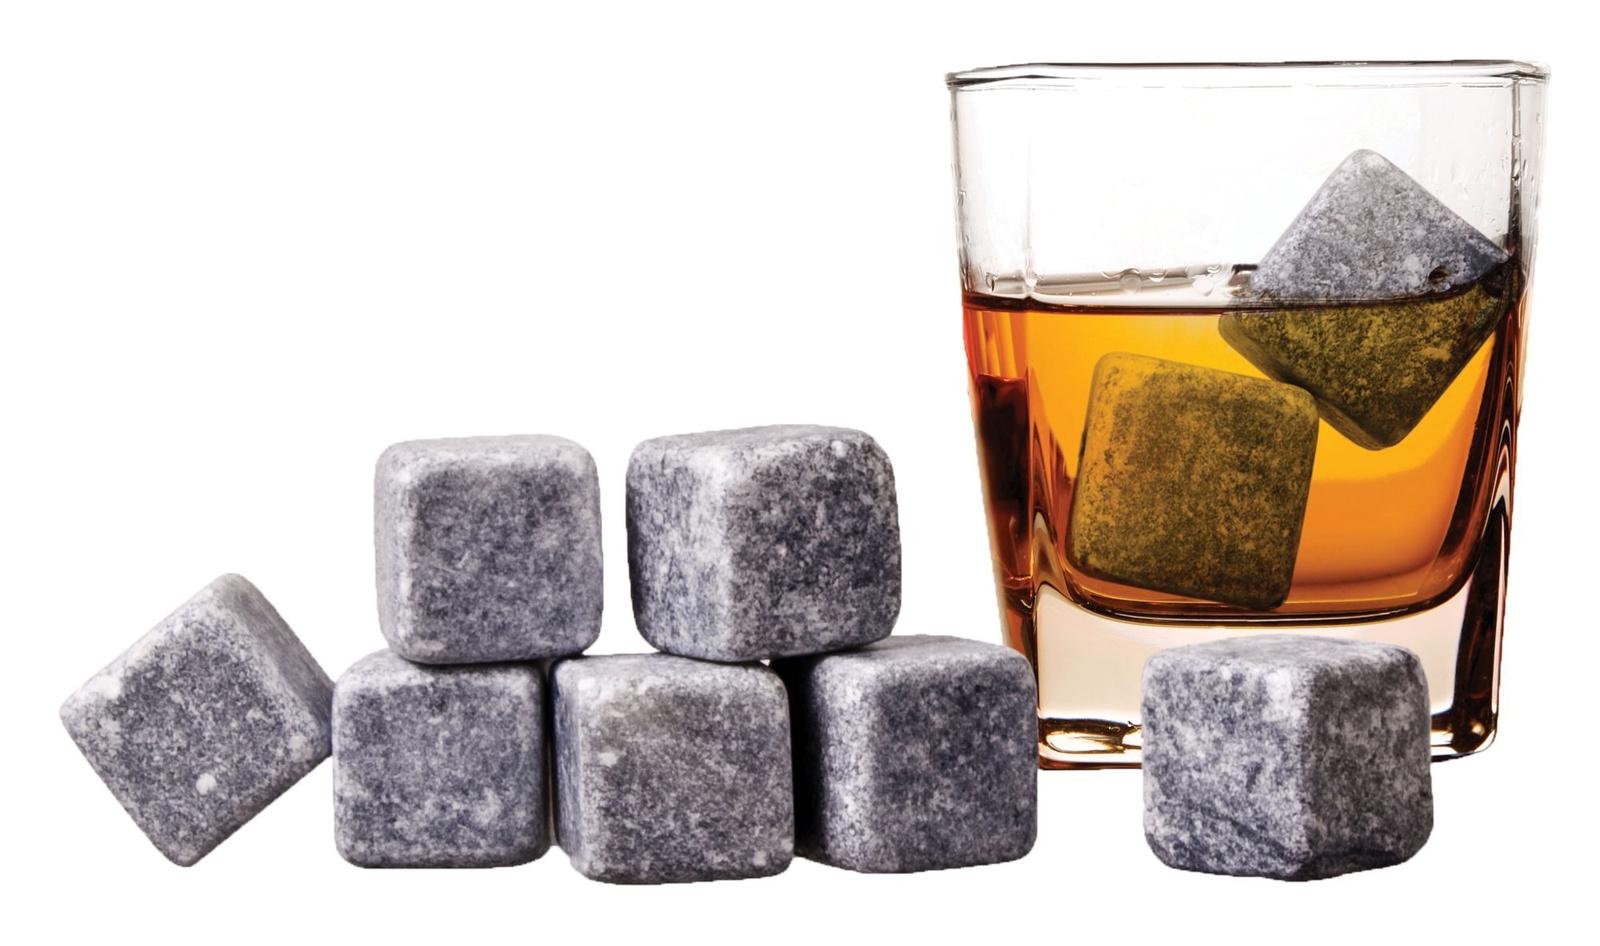 Охладитель для напитков Дерево Счастья Камни для виски, Талькохлорит, БархатART-DSWHI01Камни изготовлены из талькохлорита (мыльного камня), который прошел вторичную обработку и очистку. Благодаря высокой теплоемкости и теплопроводности охлаждают гораздо лучше льда. Whisky Stones не тают, а значит, никогда не разбавят благородный напиток и не изменят его вкусовых свойств. Подходят для любых напитков, требующих охлаждения.